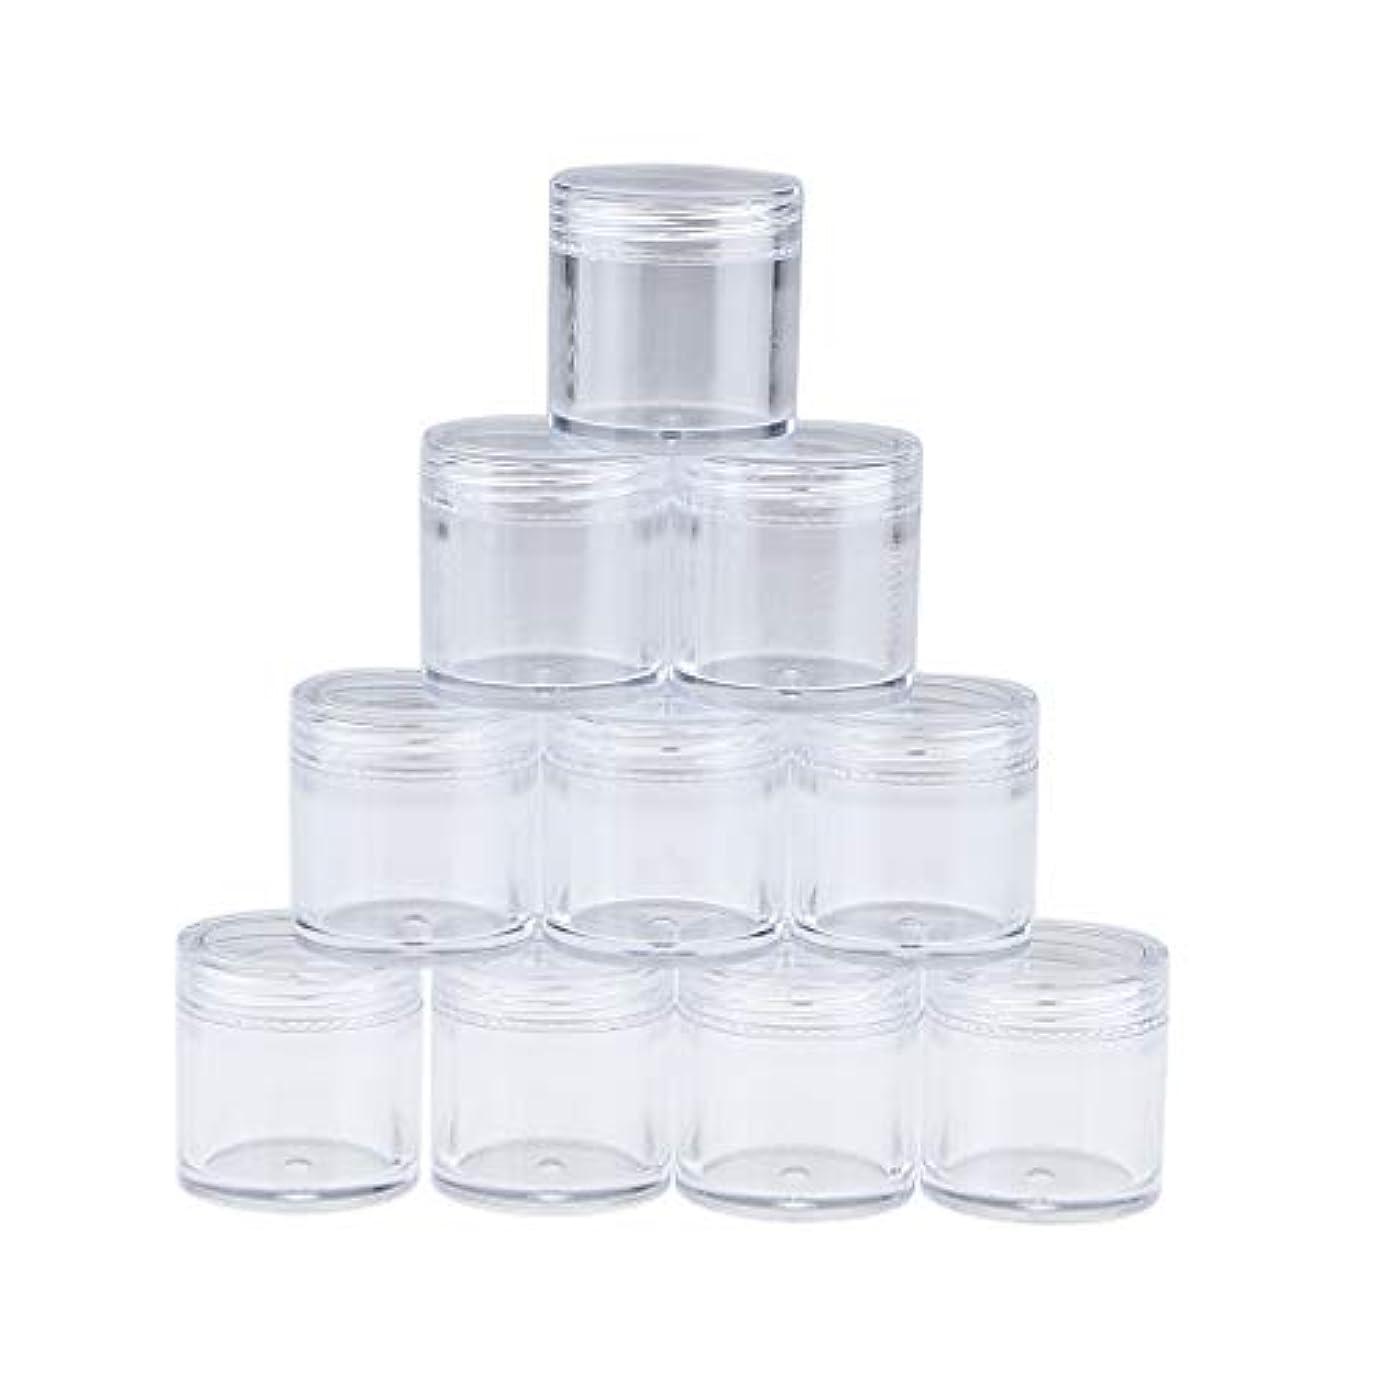 電極表面ロイヤリティ10個のプラスチック製の透明な空のクリームジャー、透明なスクリューキャップの蓋付きの化粧品サンプルラウンドポットコンテナ、メイクアップ用の小さなパウダーボトル - 10g(B)